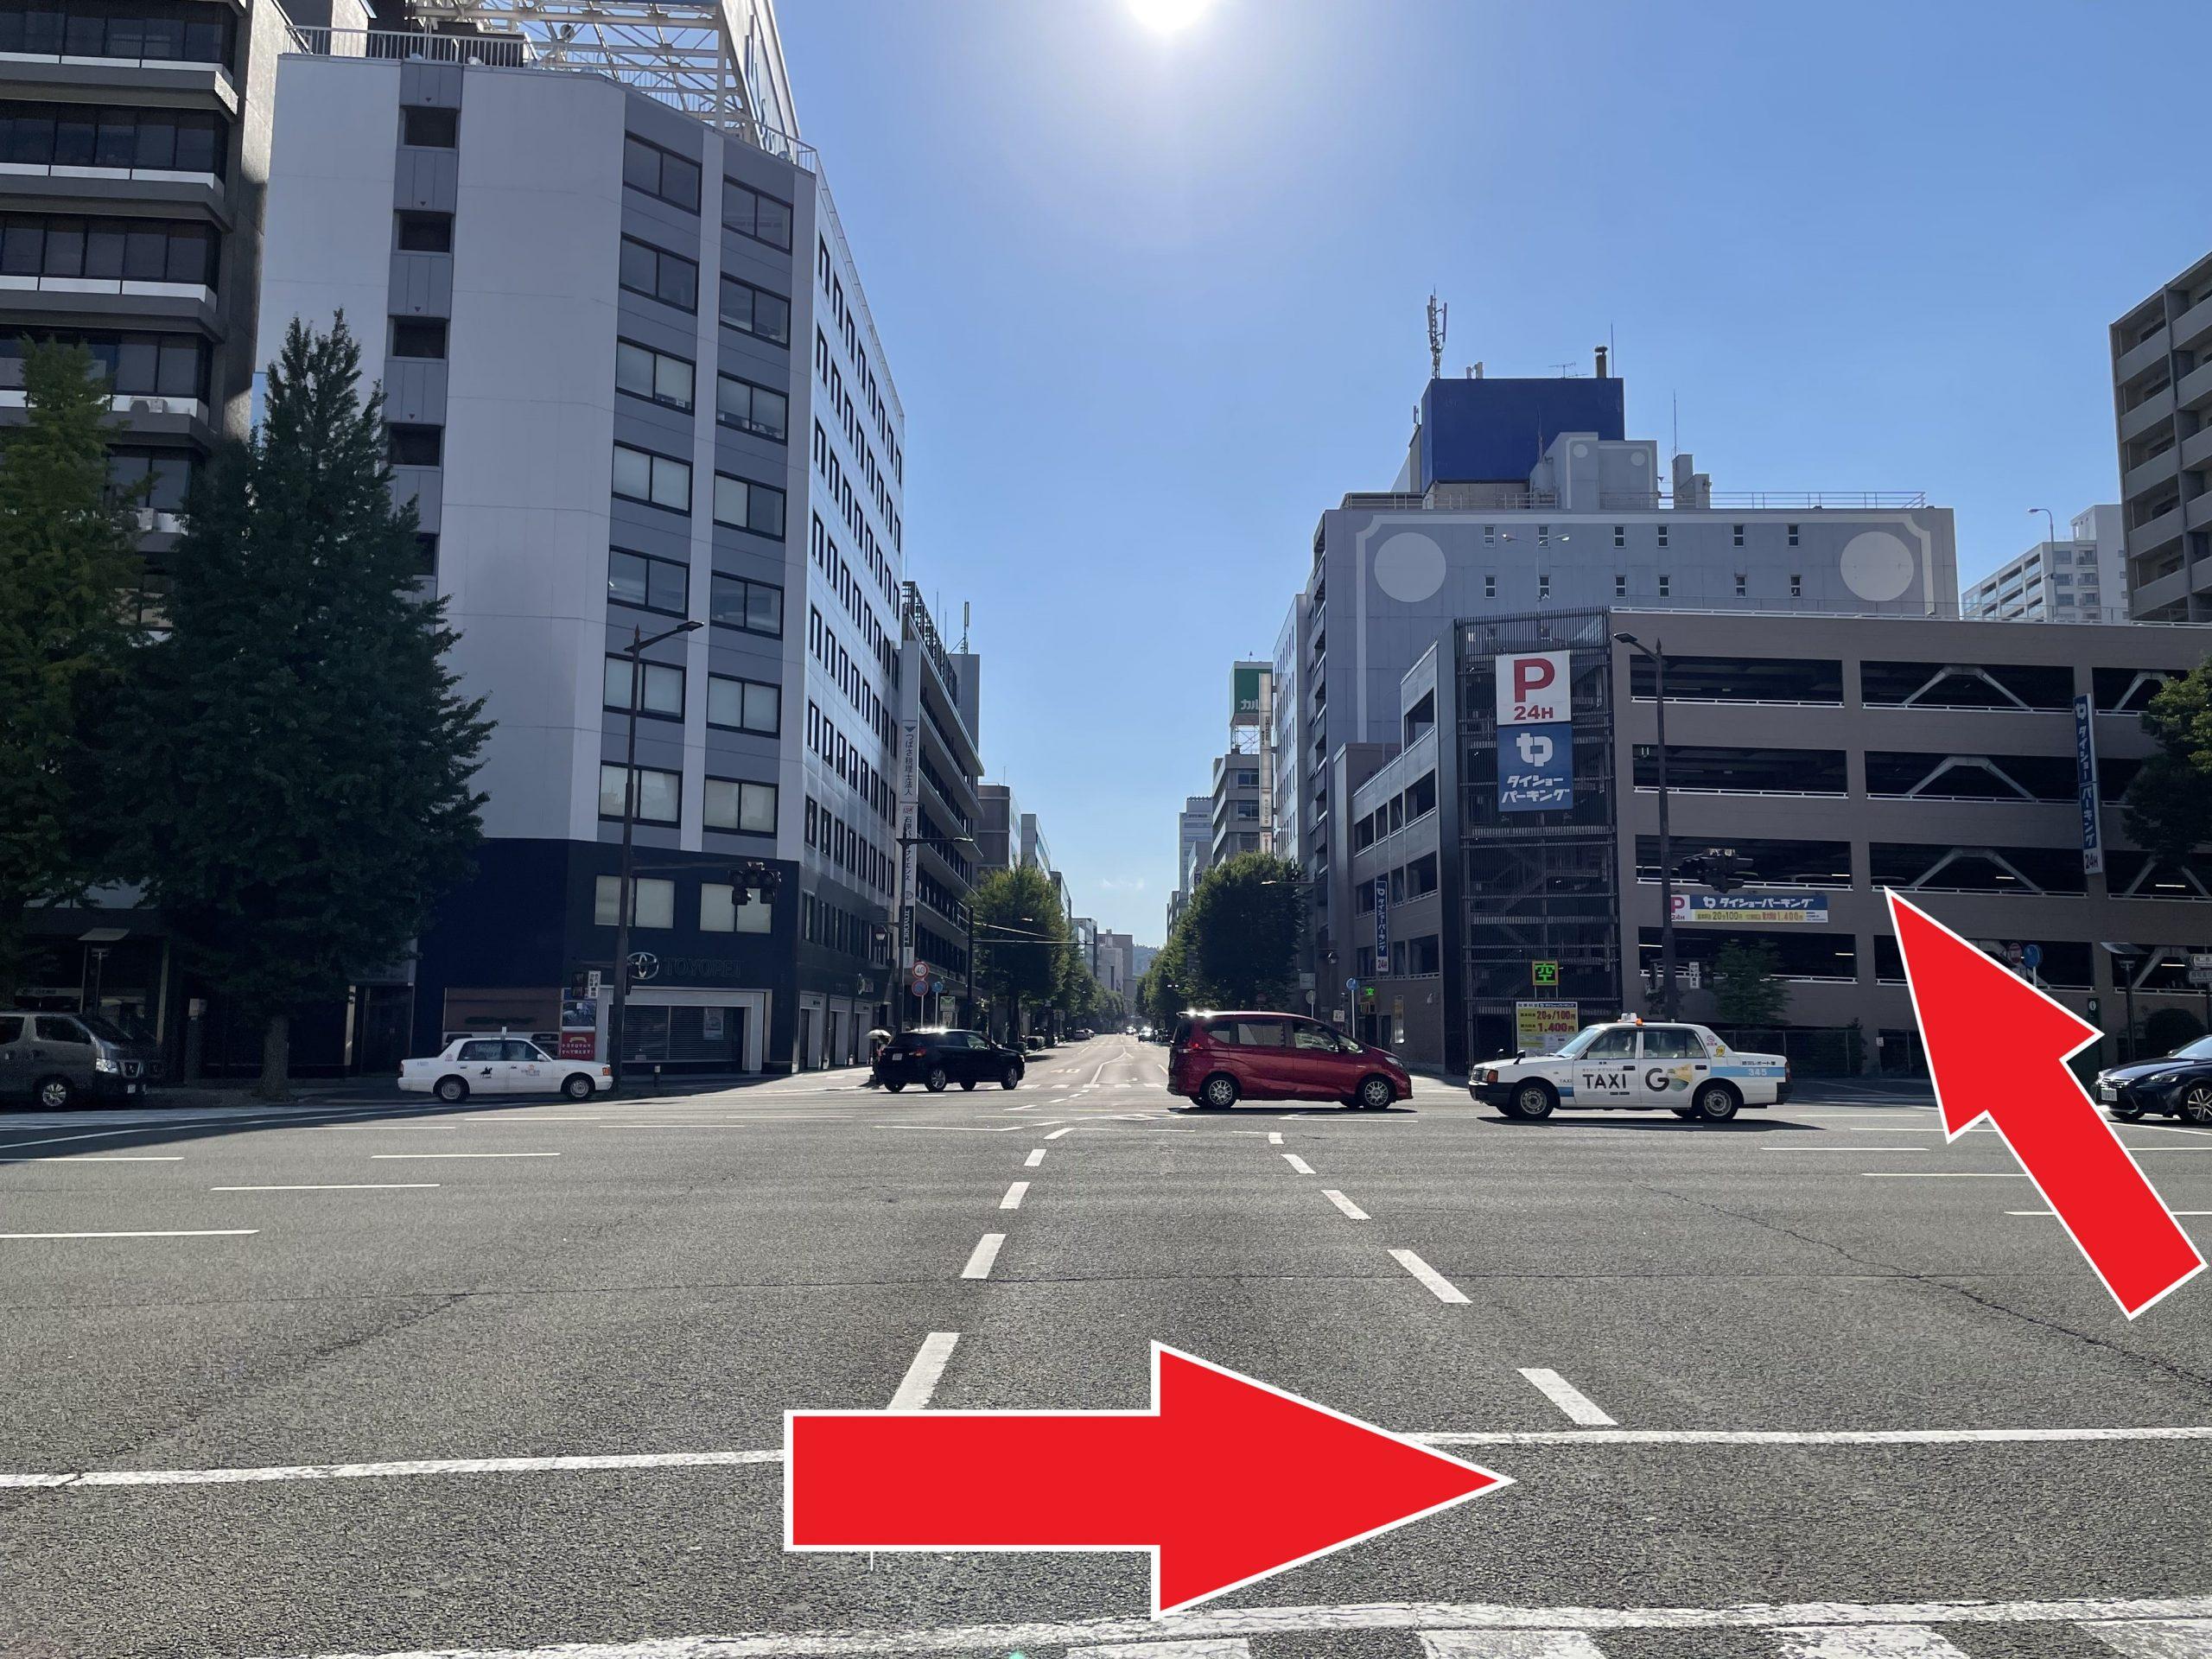 右手にタイショーPが見えたら、横断歩道を渡ってさらに直進します